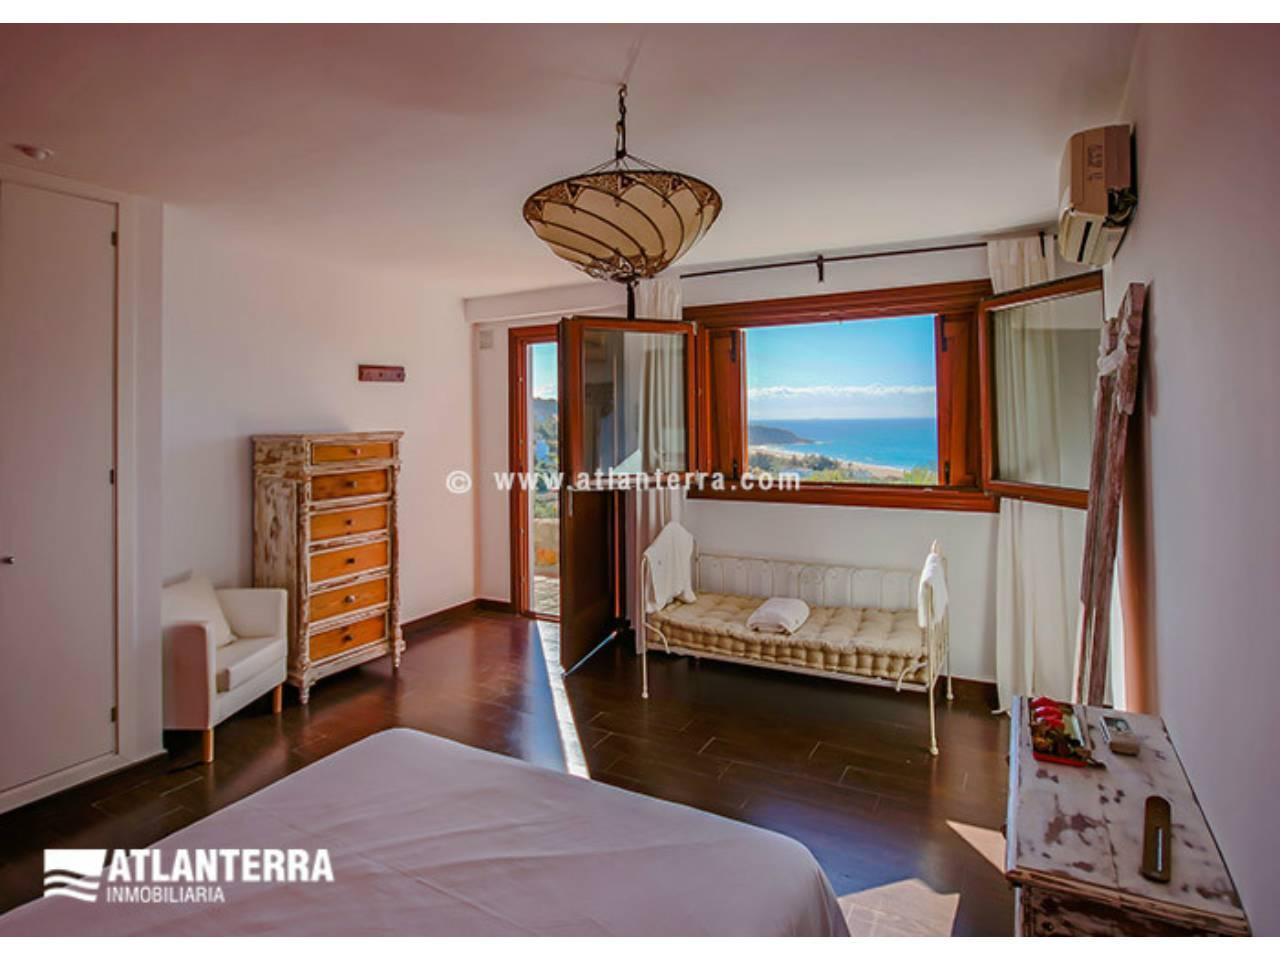 25885350 3170057 foto 654585 - Estilo rústico, privacidad y vistas maravillosas en esta villa en Zahara de los Atunes (Cádiz)